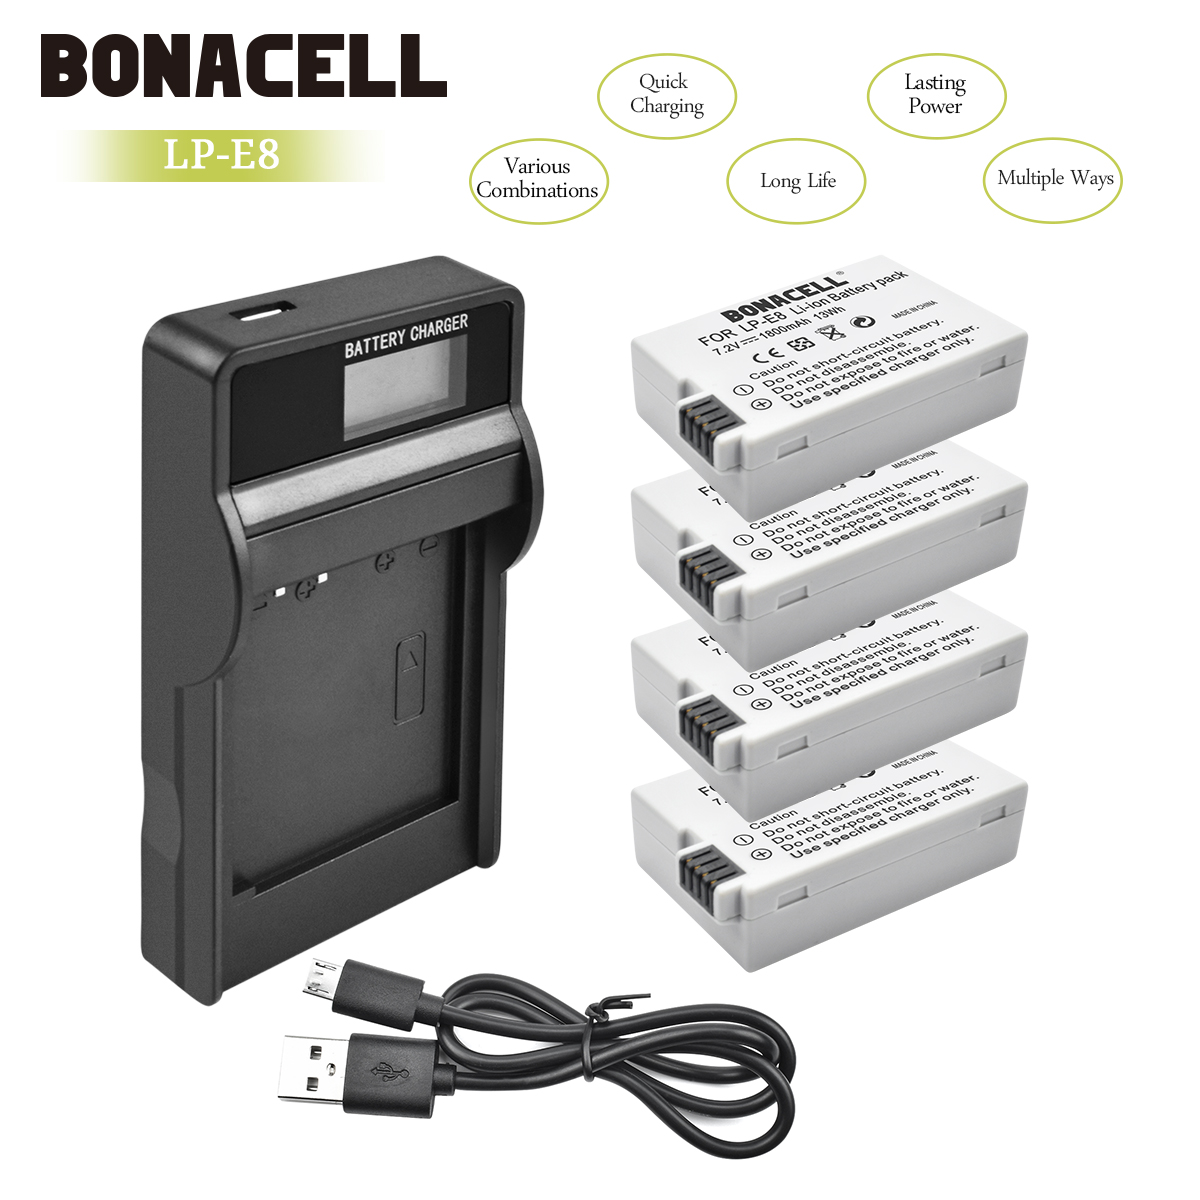 Bonacell LP-E8 LP E8 LPE8 Camera Battery+LCD Charger For Canon EOS 550D 600D 650D 700D Kiss X4 X5 X6i X7i Rebel T2i T3i T4i L10Bonacell LP-E8 LP E8 LPE8 Camera Battery+LCD Charger For Canon EOS 550D 600D 650D 700D Kiss X4 X5 X6i X7i Rebel T2i T3i T4i L10